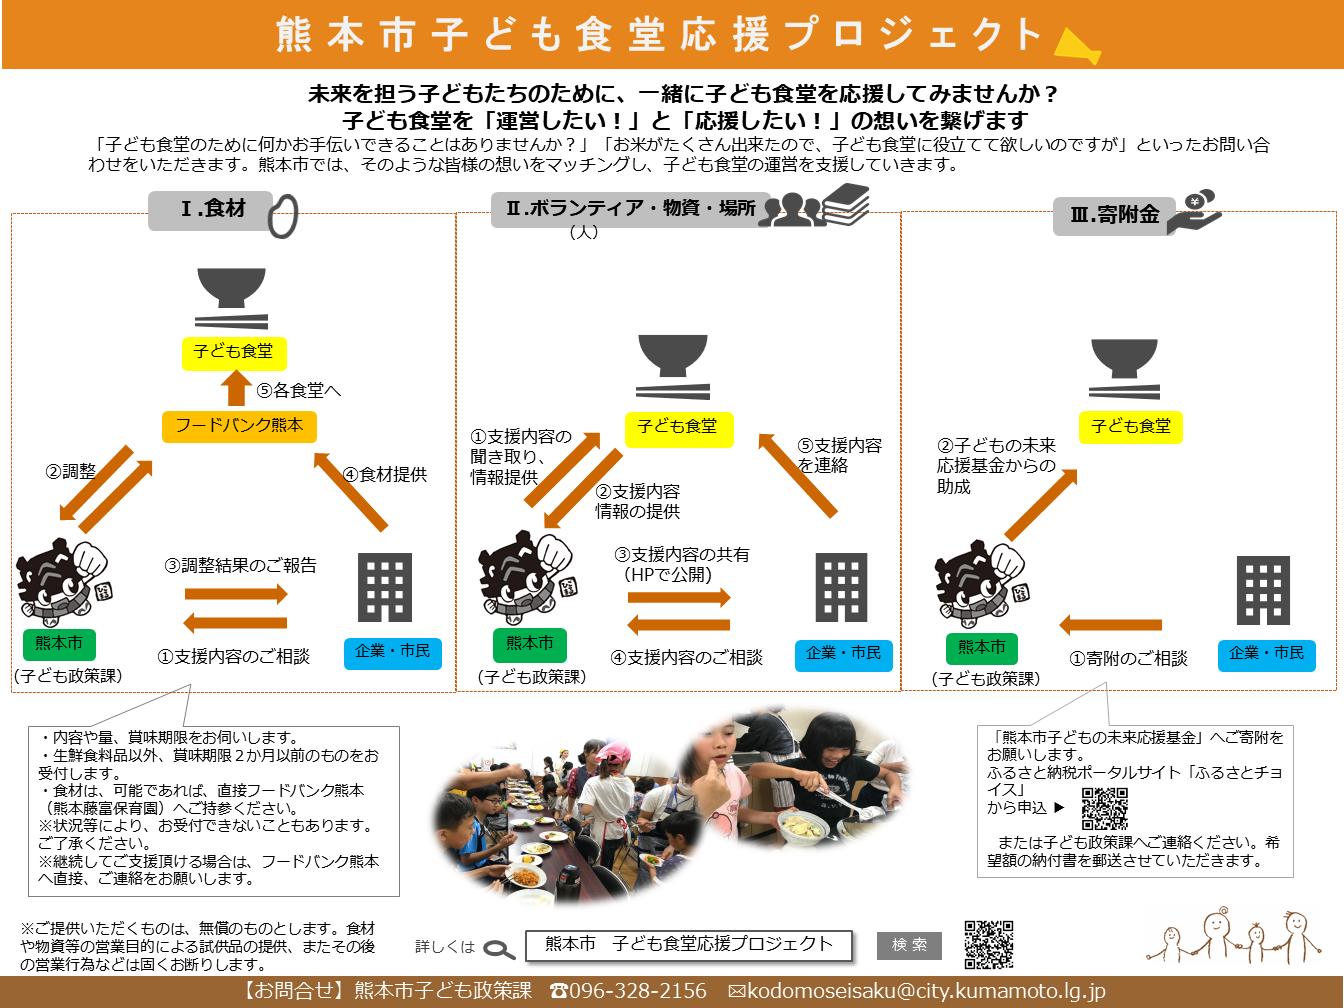 熊本市子ども食堂応援プロジェクト概要